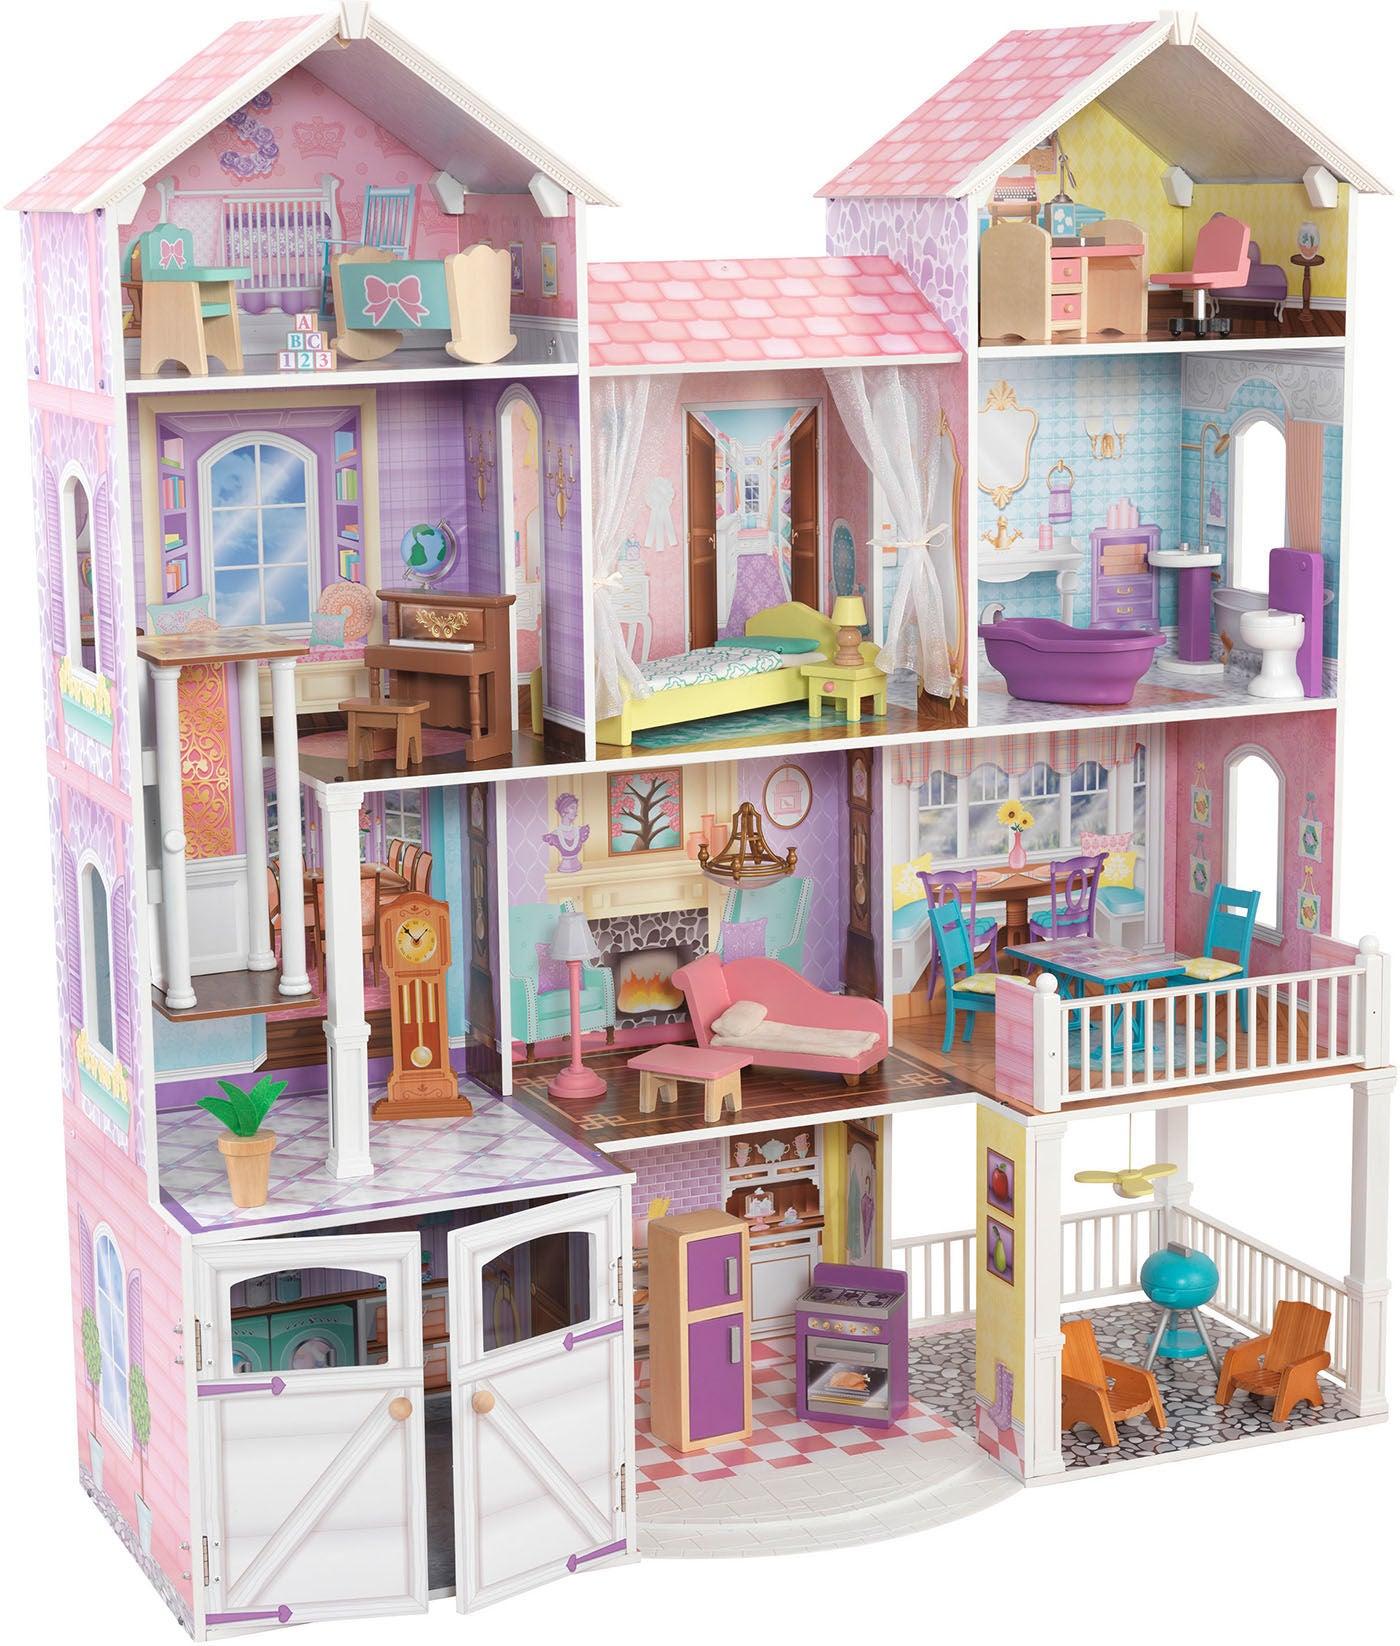 Kidkraft Dockhus Country Estate Dollhouse